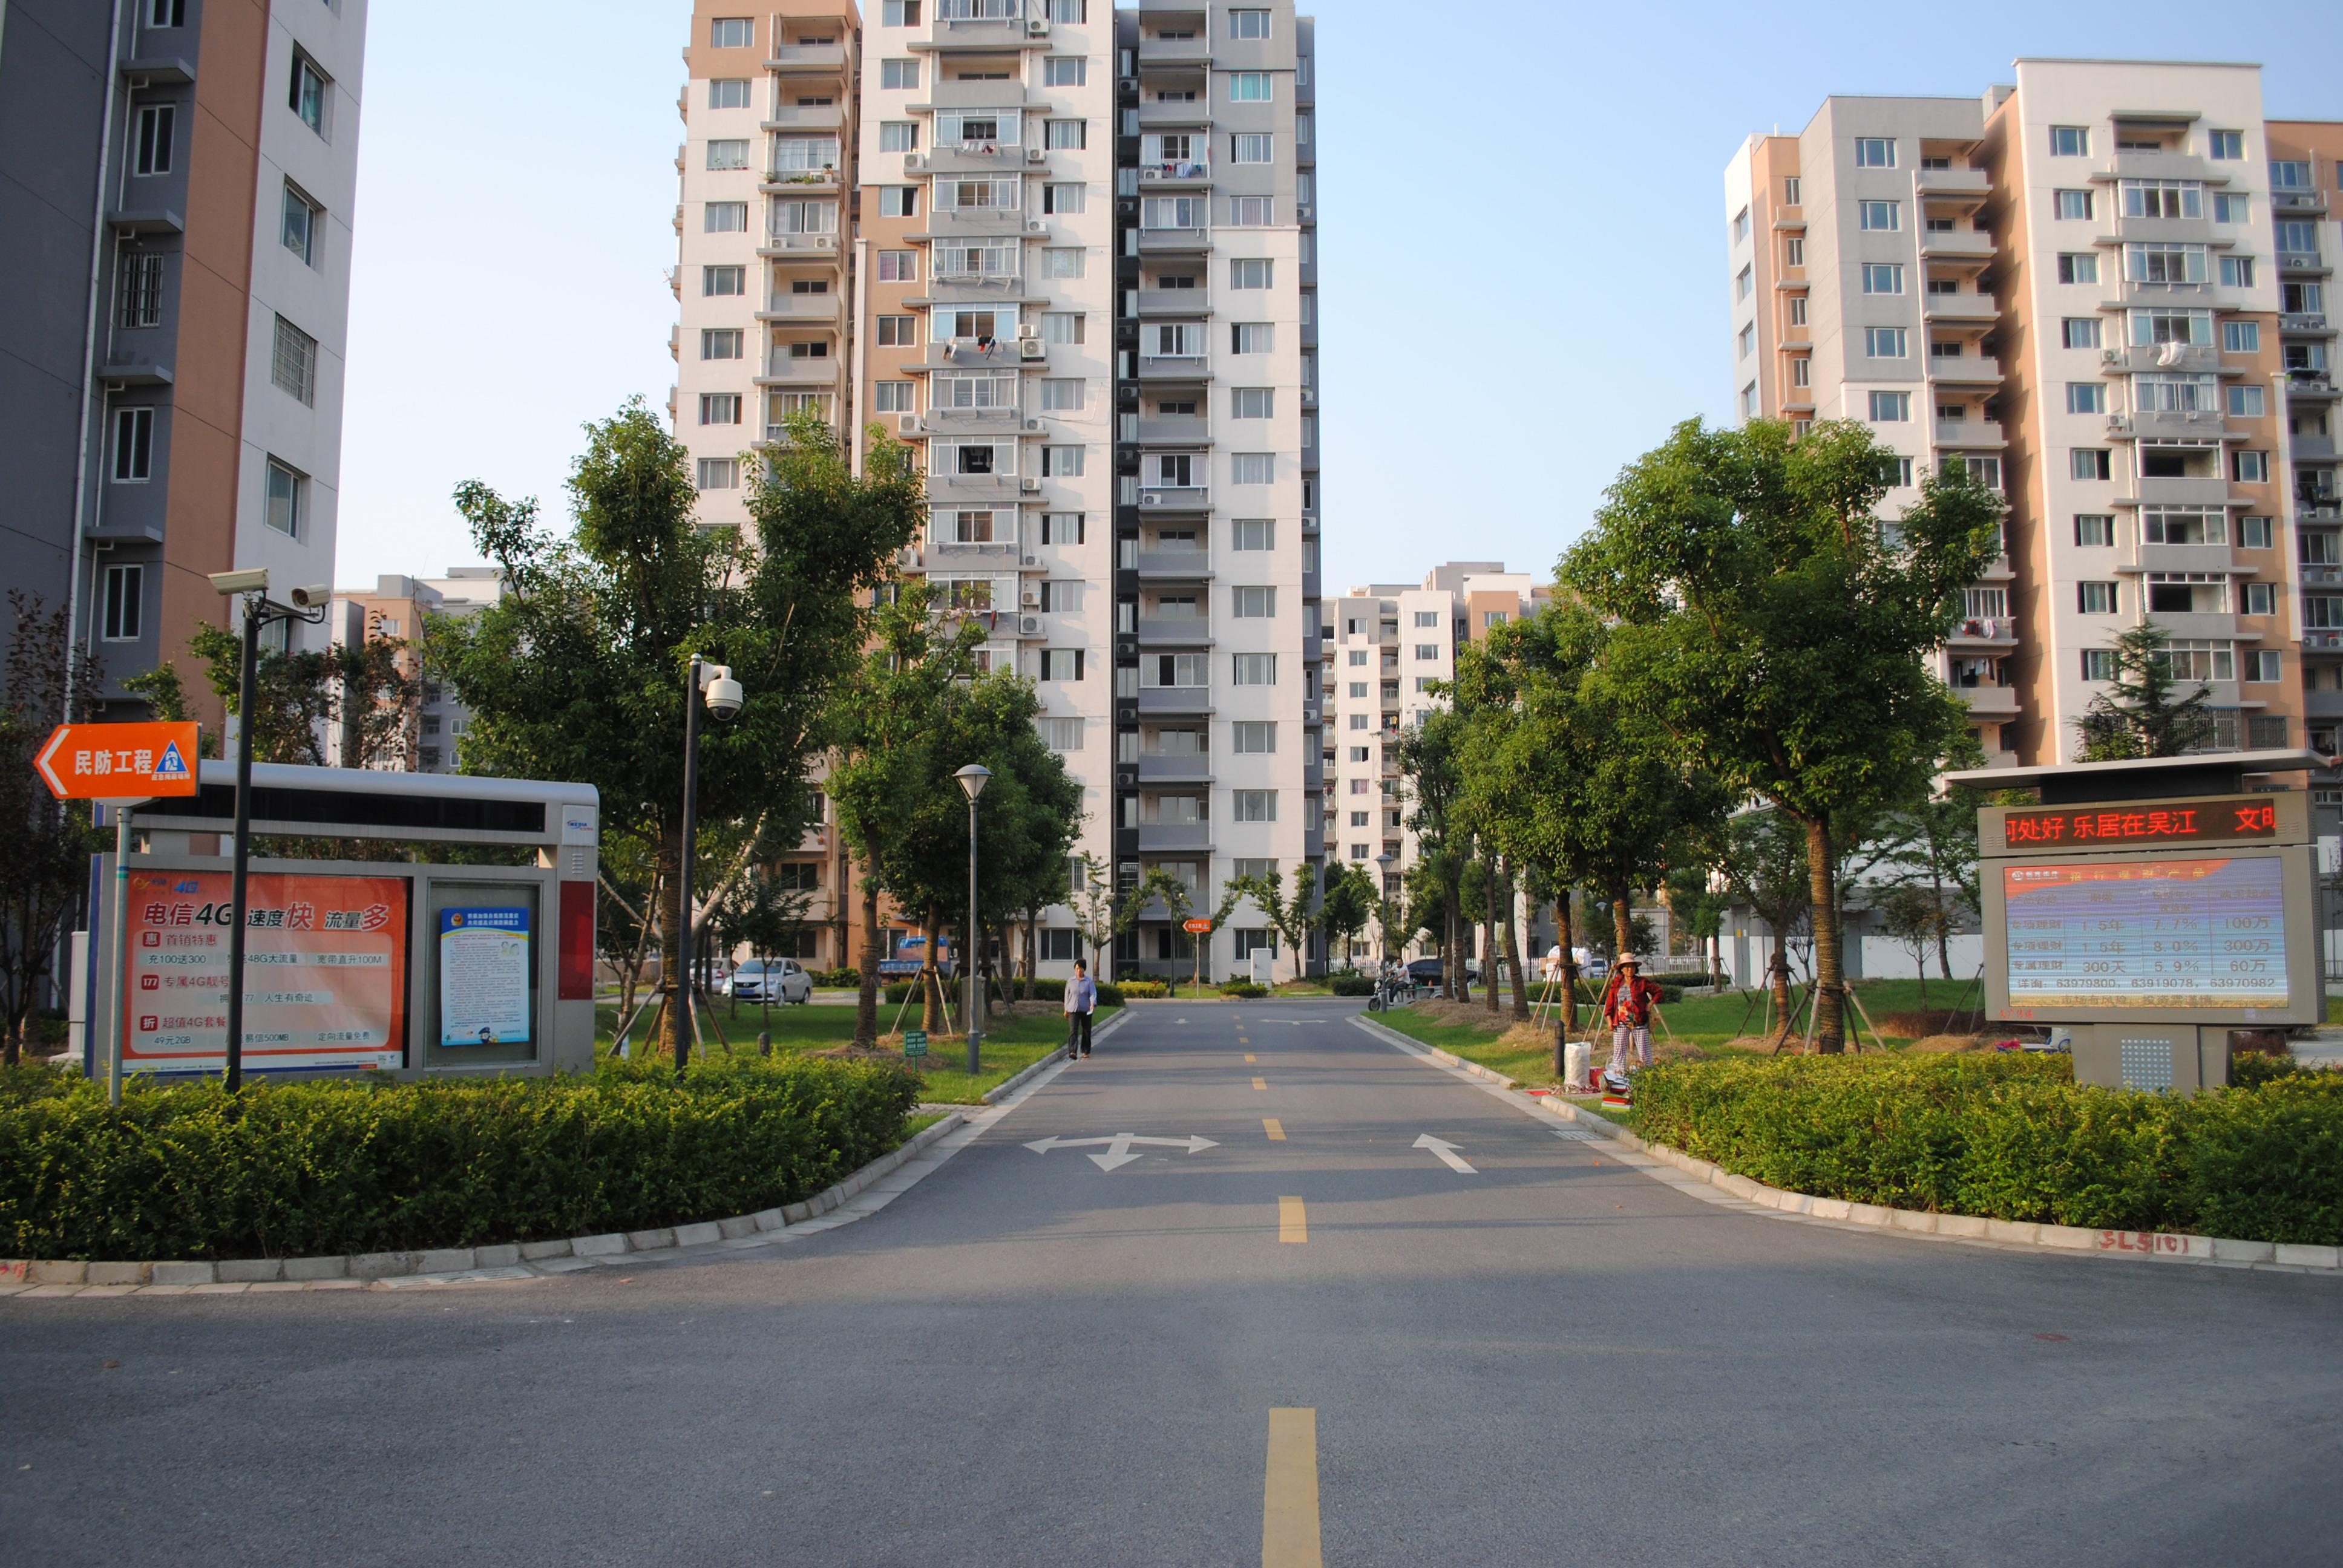 湖滨华城幸福苑 3室2厅2卫 125平方米 135万出售